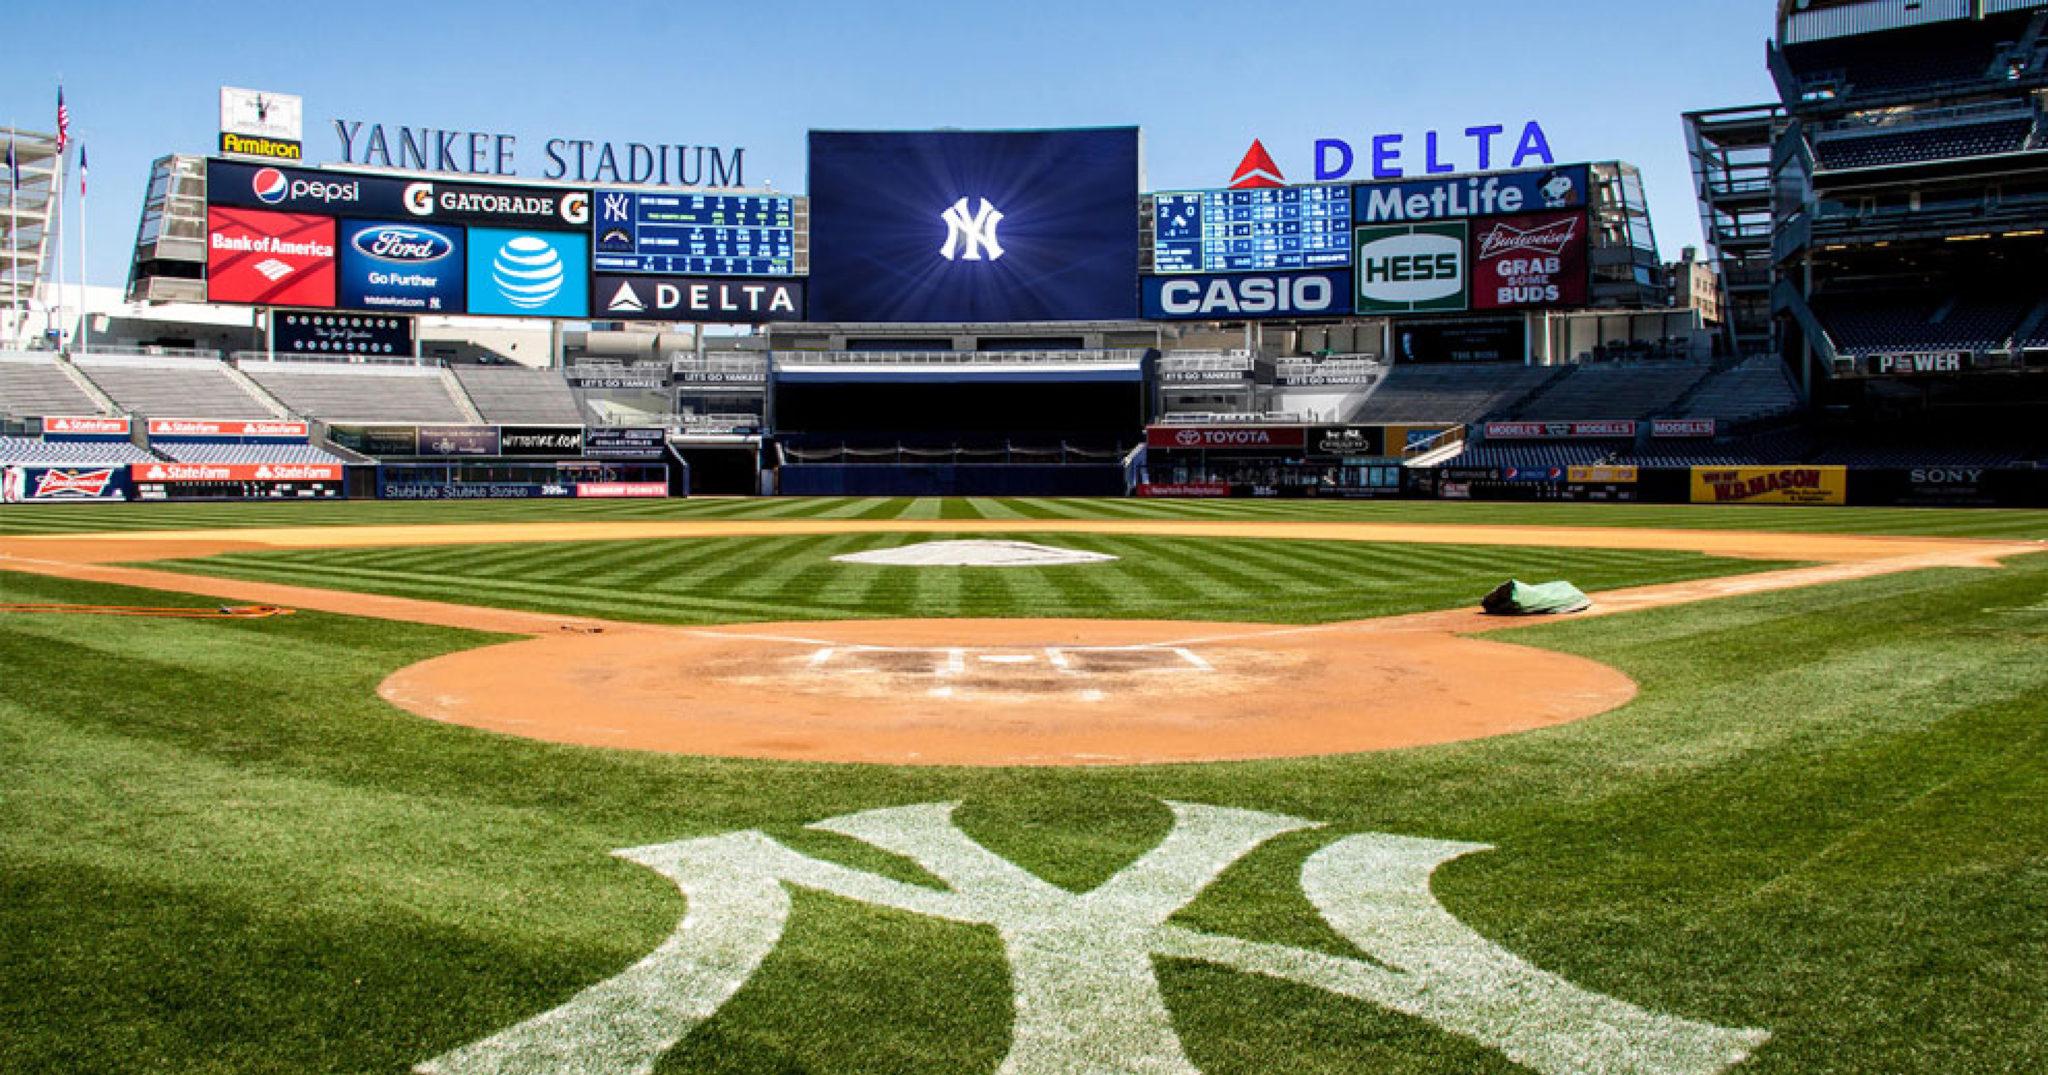 Yankee-Stadium-on-field